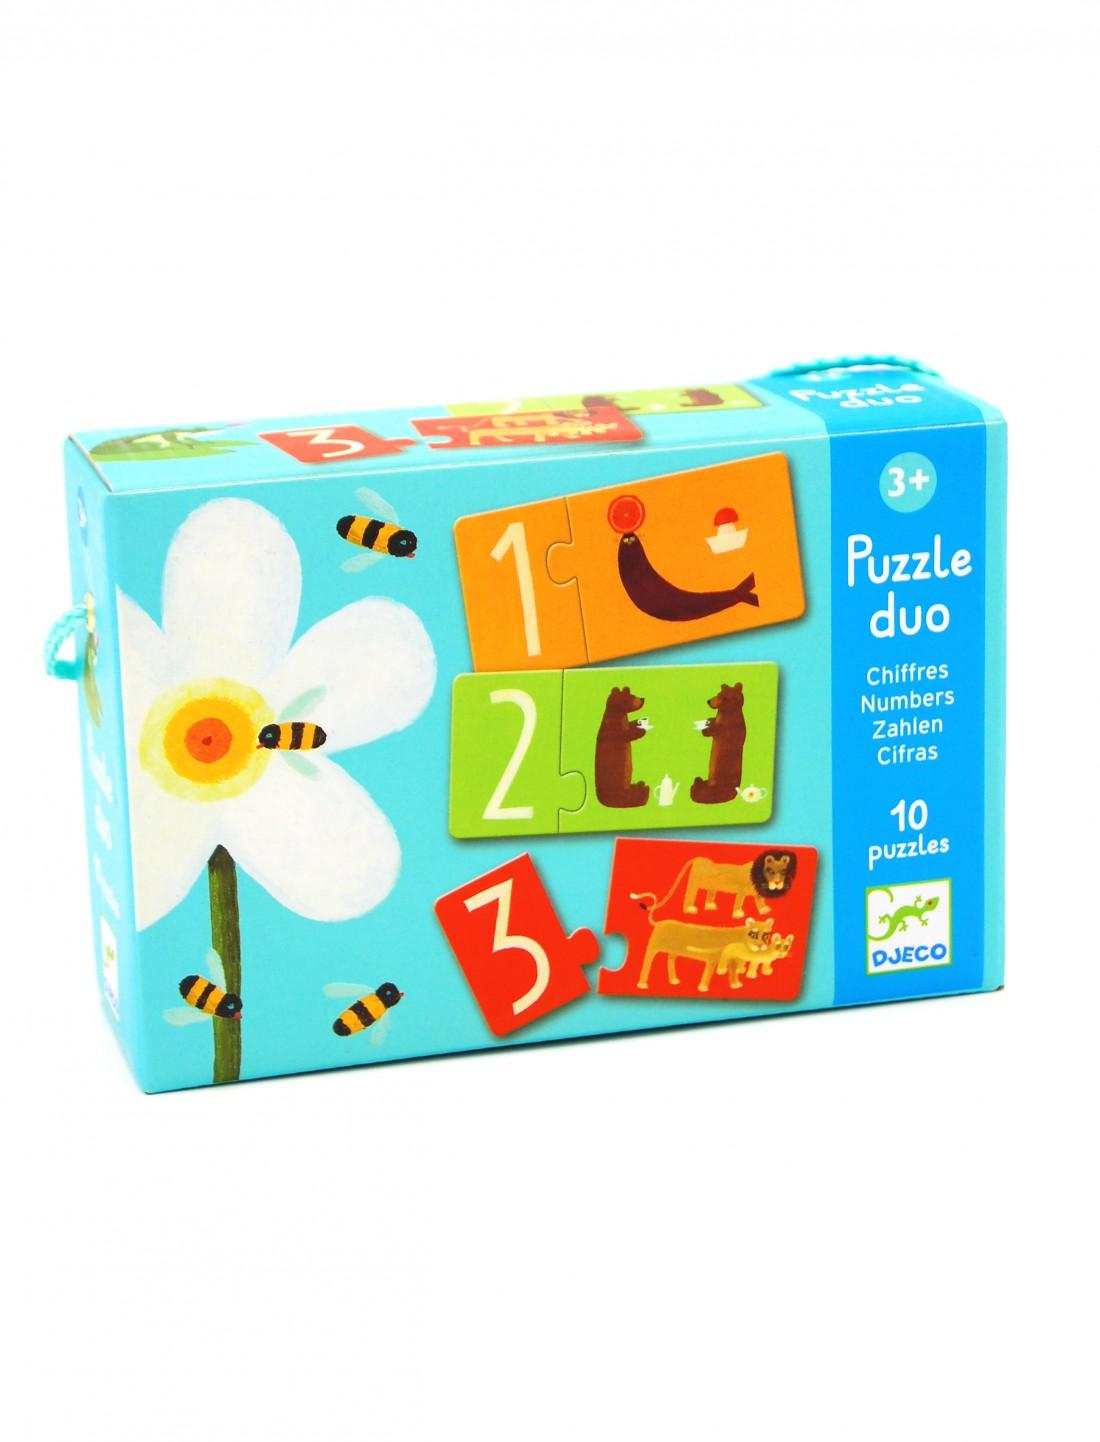 Puzzle duo números. Djeco